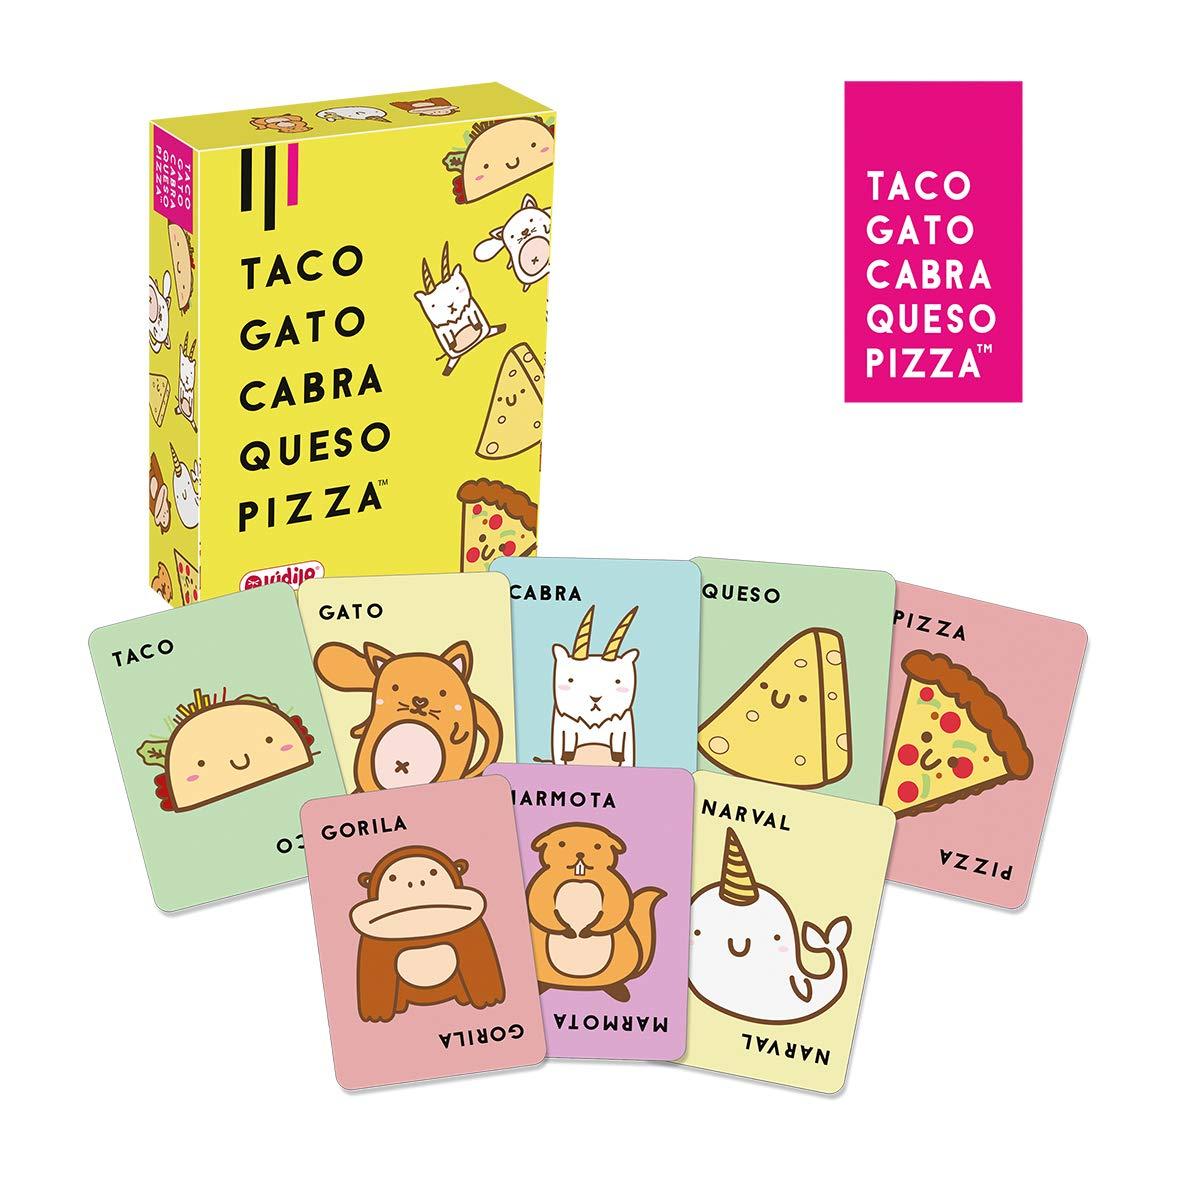 Taco, Gato, Cabra, Queso Pizza (Ludilo), Juego de mesa, Juegos de Cartas, Juegos Familiares: Amazon.es: Juguetes y juegos